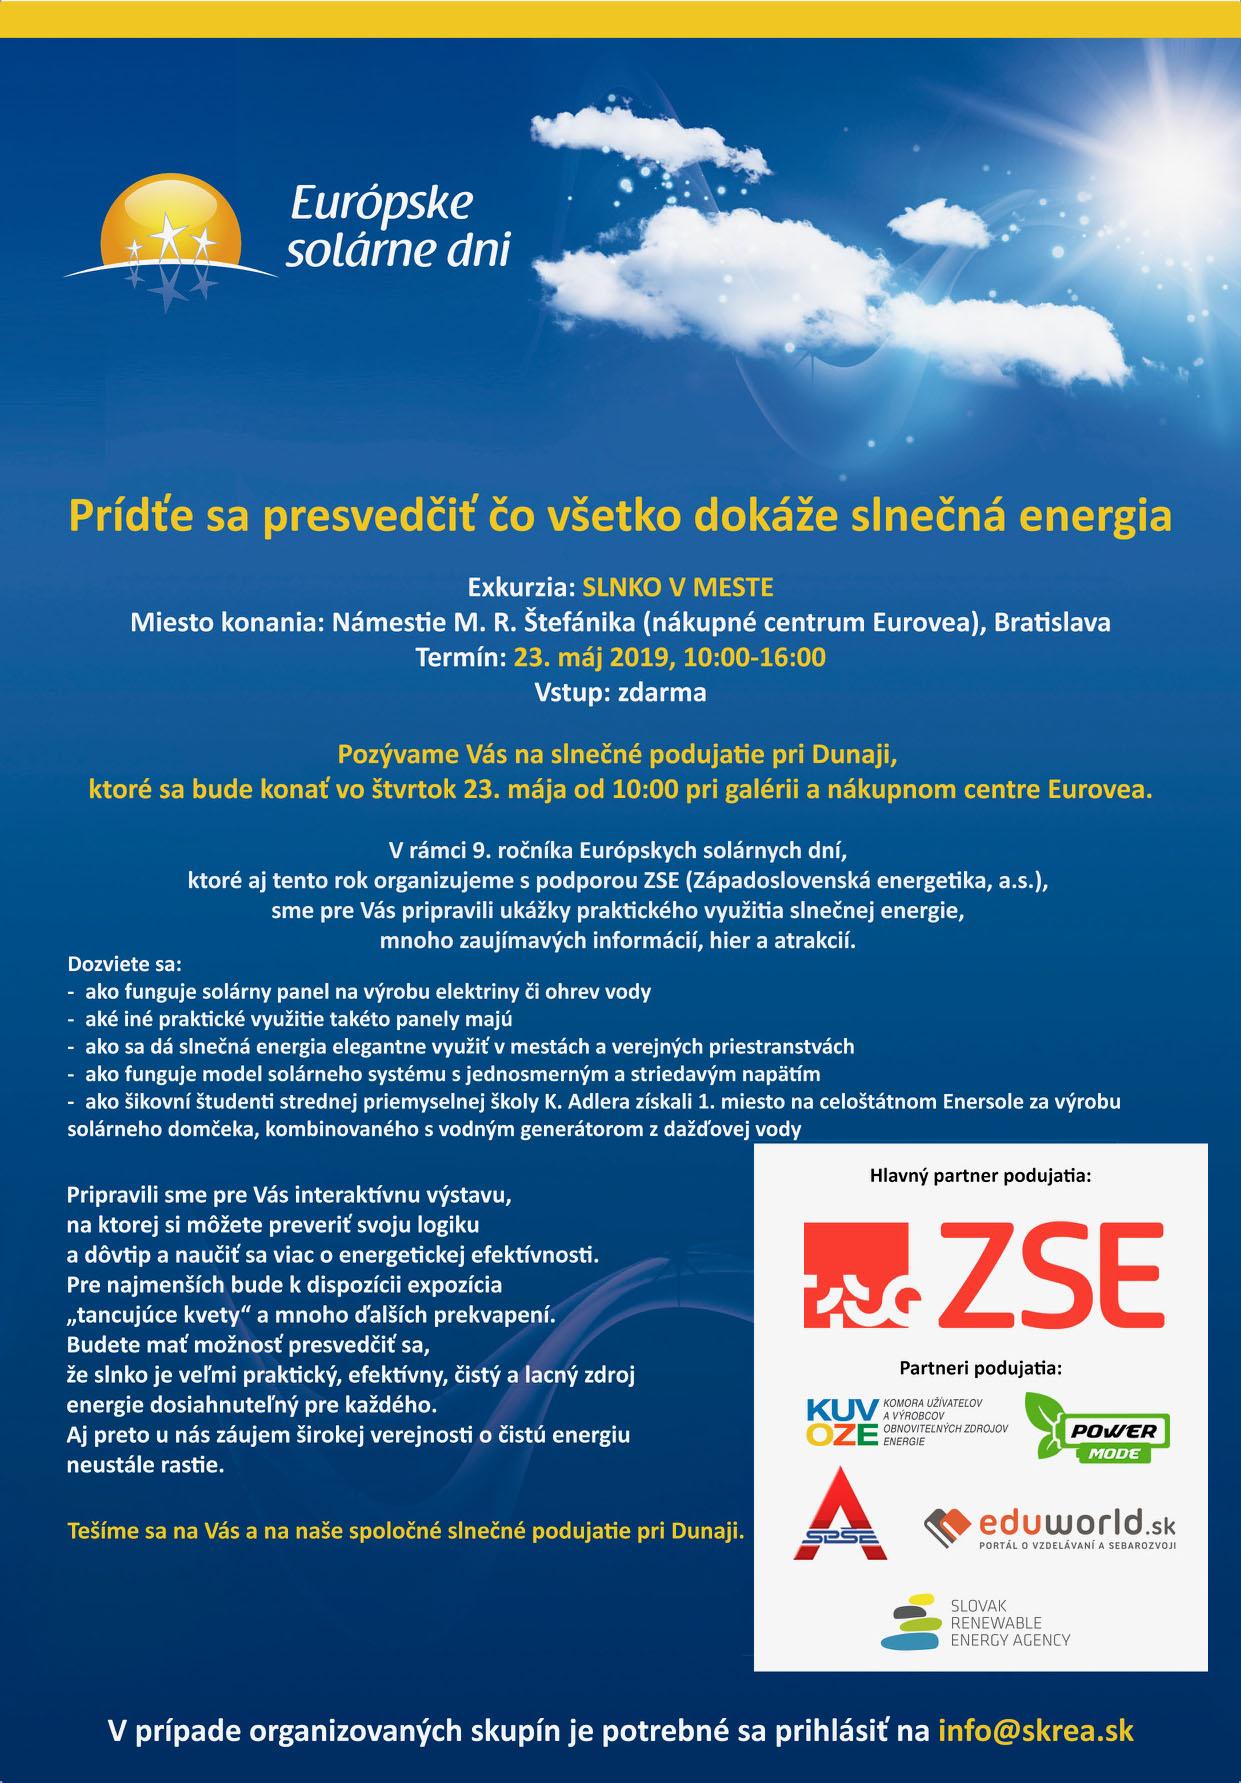 """Podujatie """"Slnko v meste"""" 23. maja 2019, Eurovea, Bratislava"""